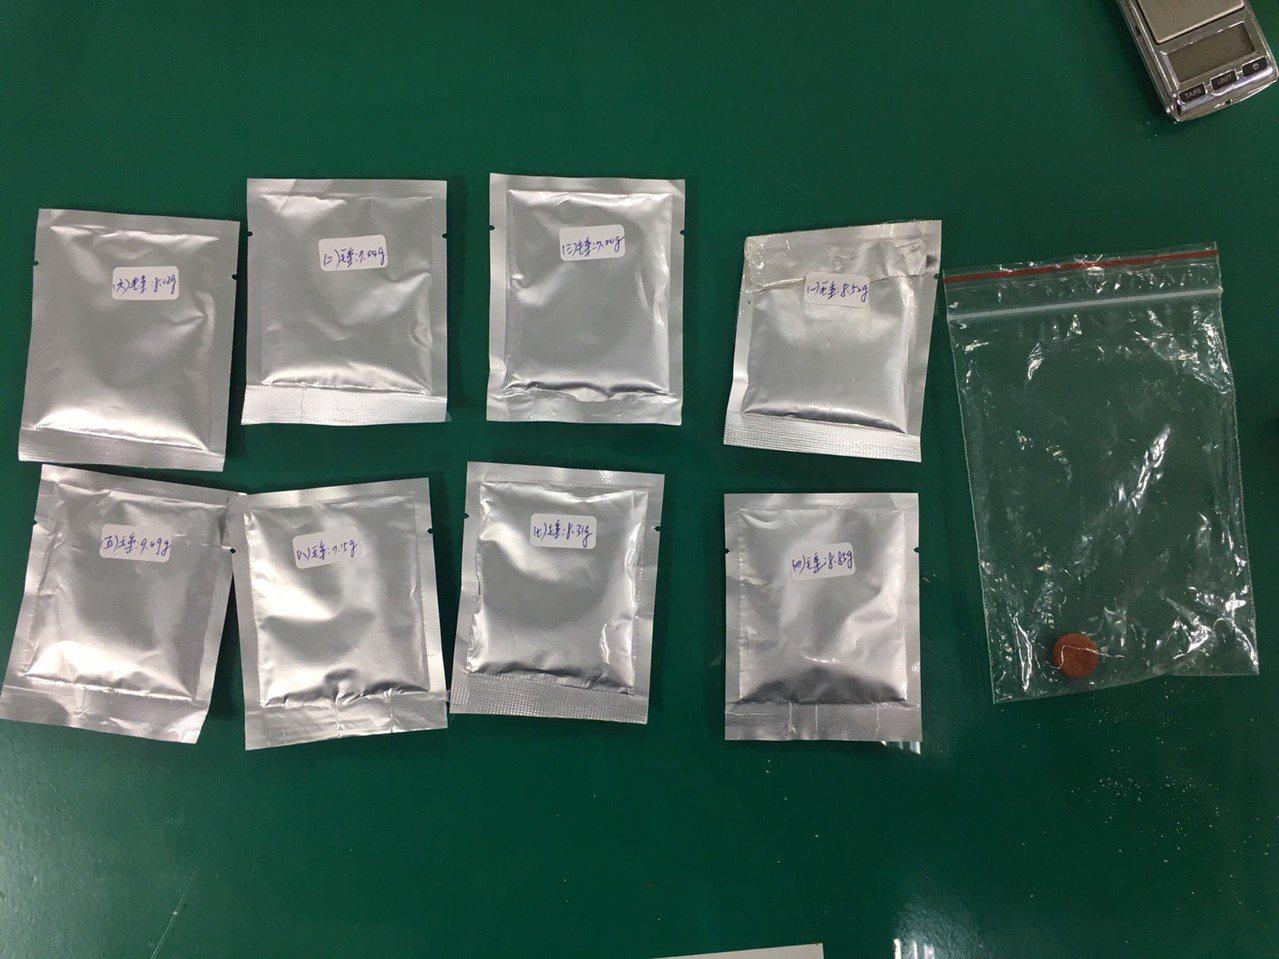 警方查獲8包毒品咖啡包與毒梅錠。記者陳雕文/翻攝